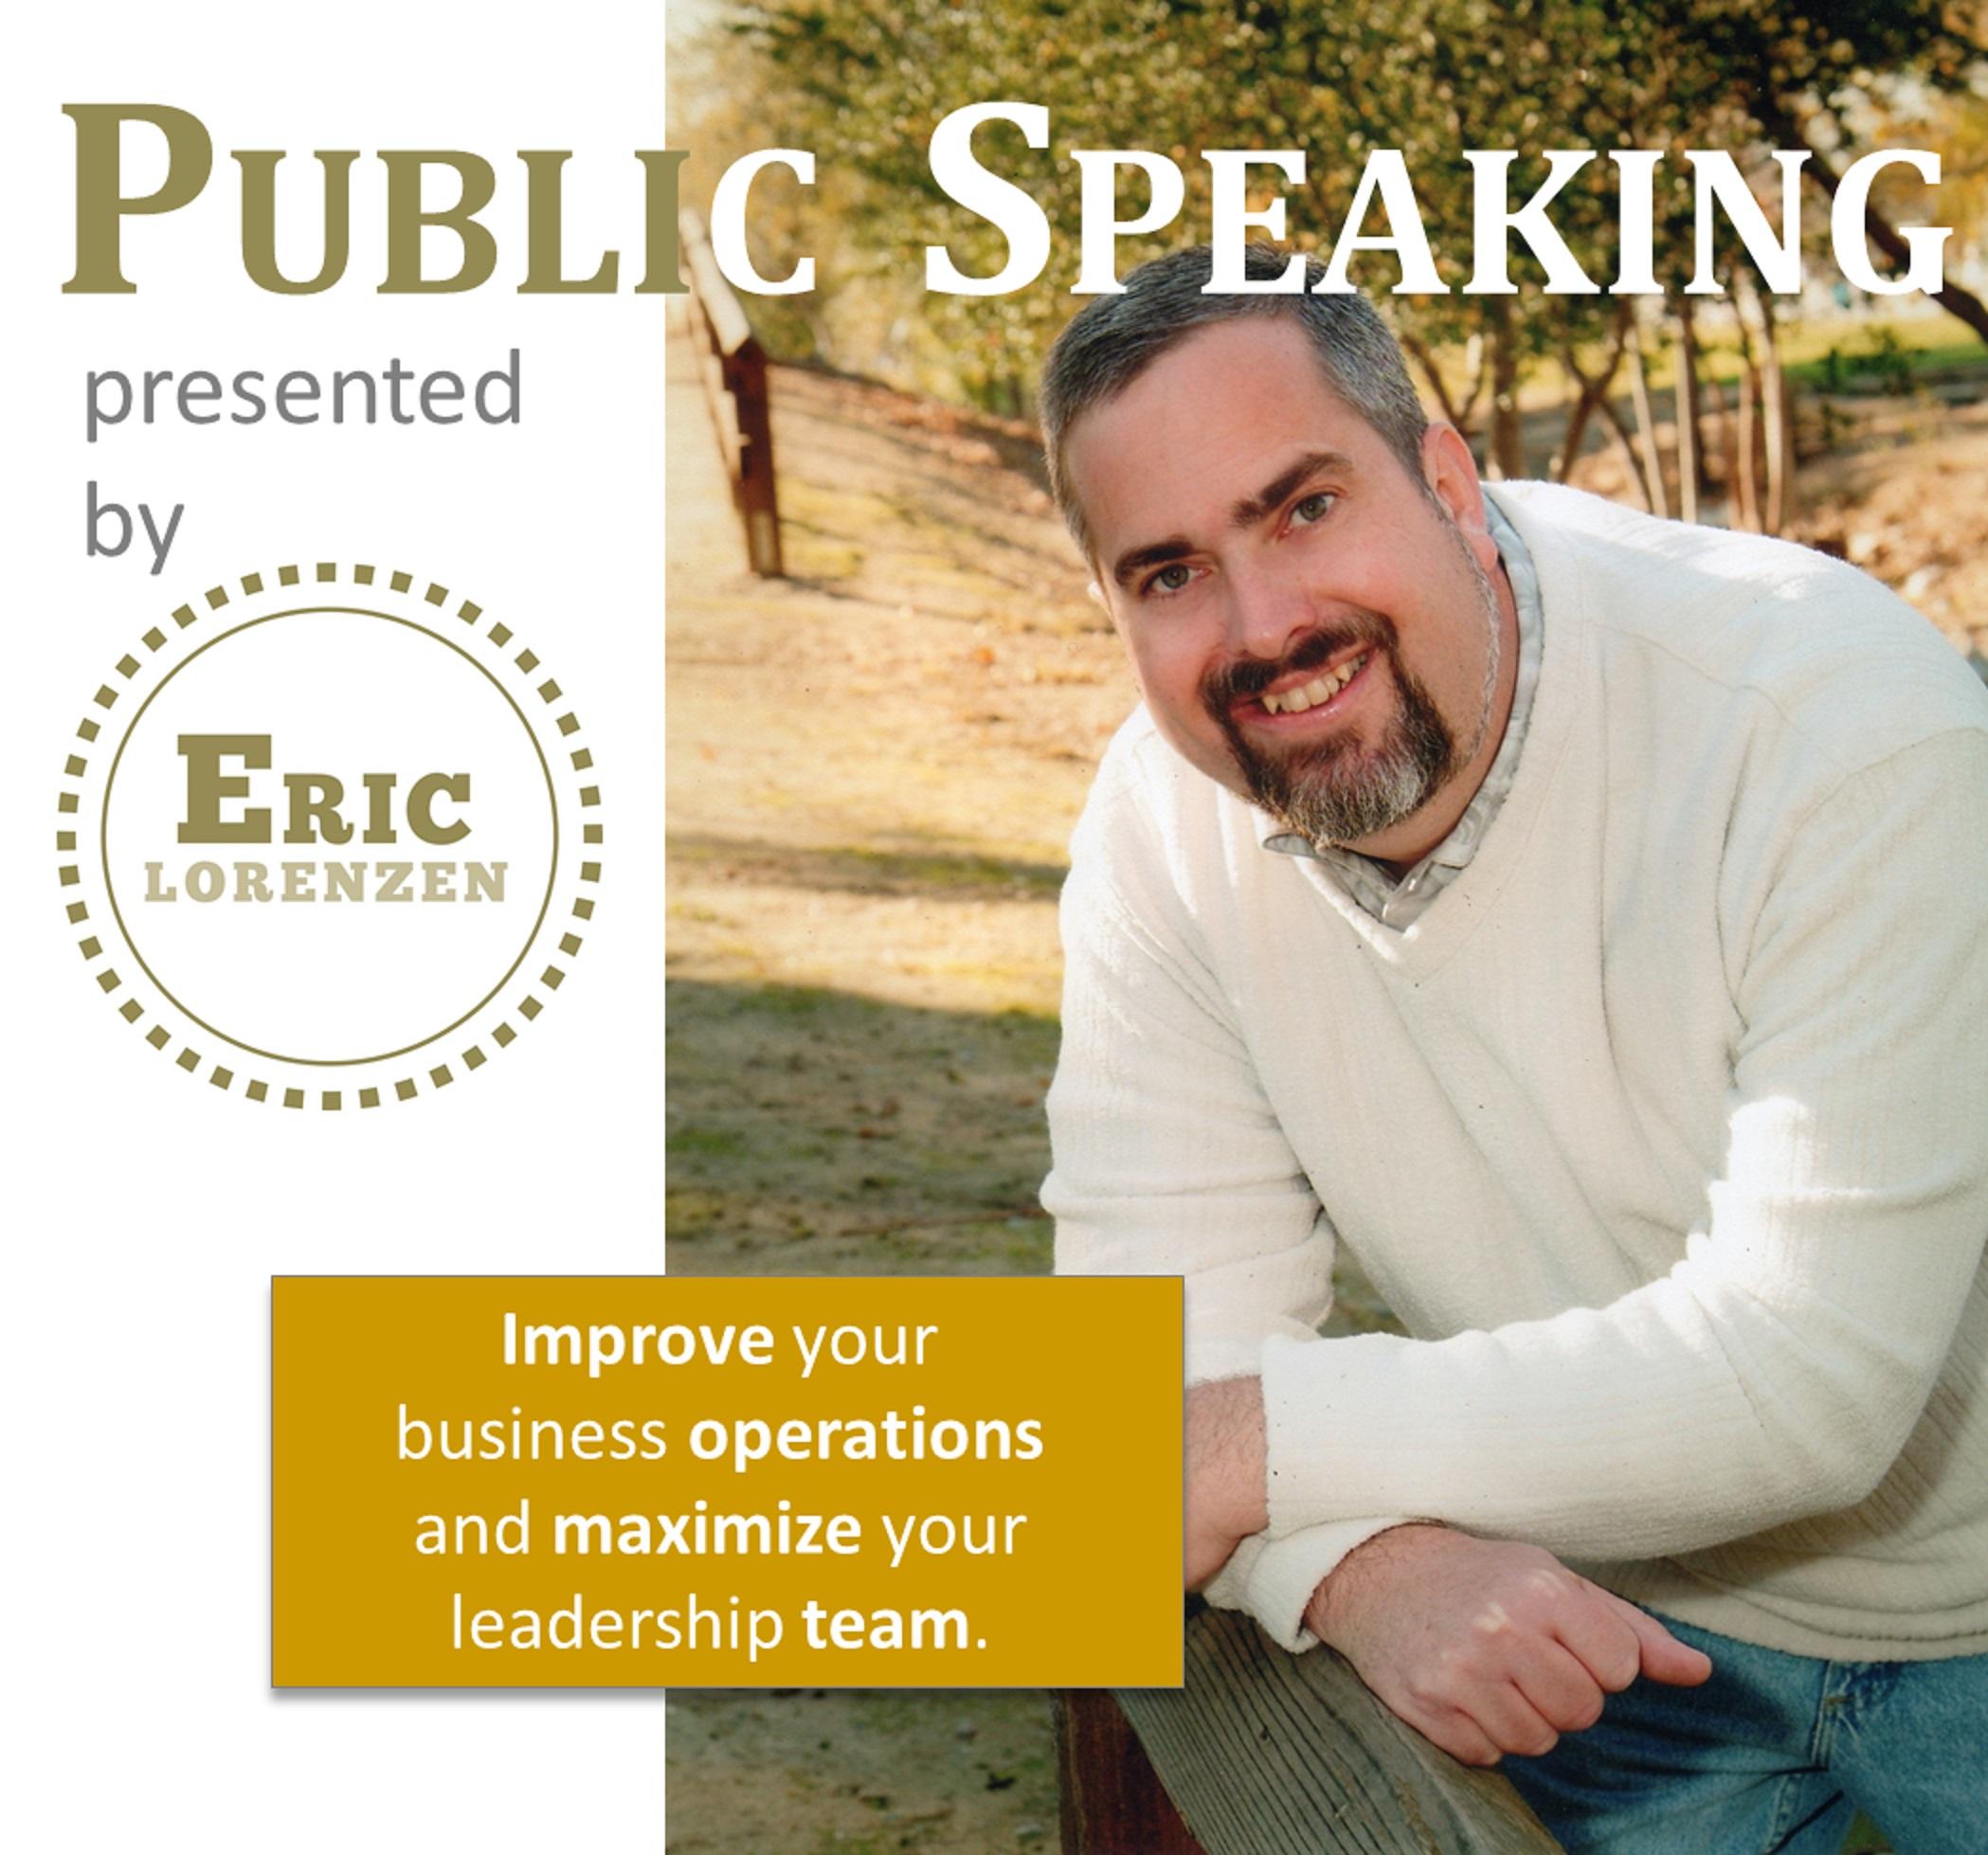 Public Speaking by Eric Lorenzen